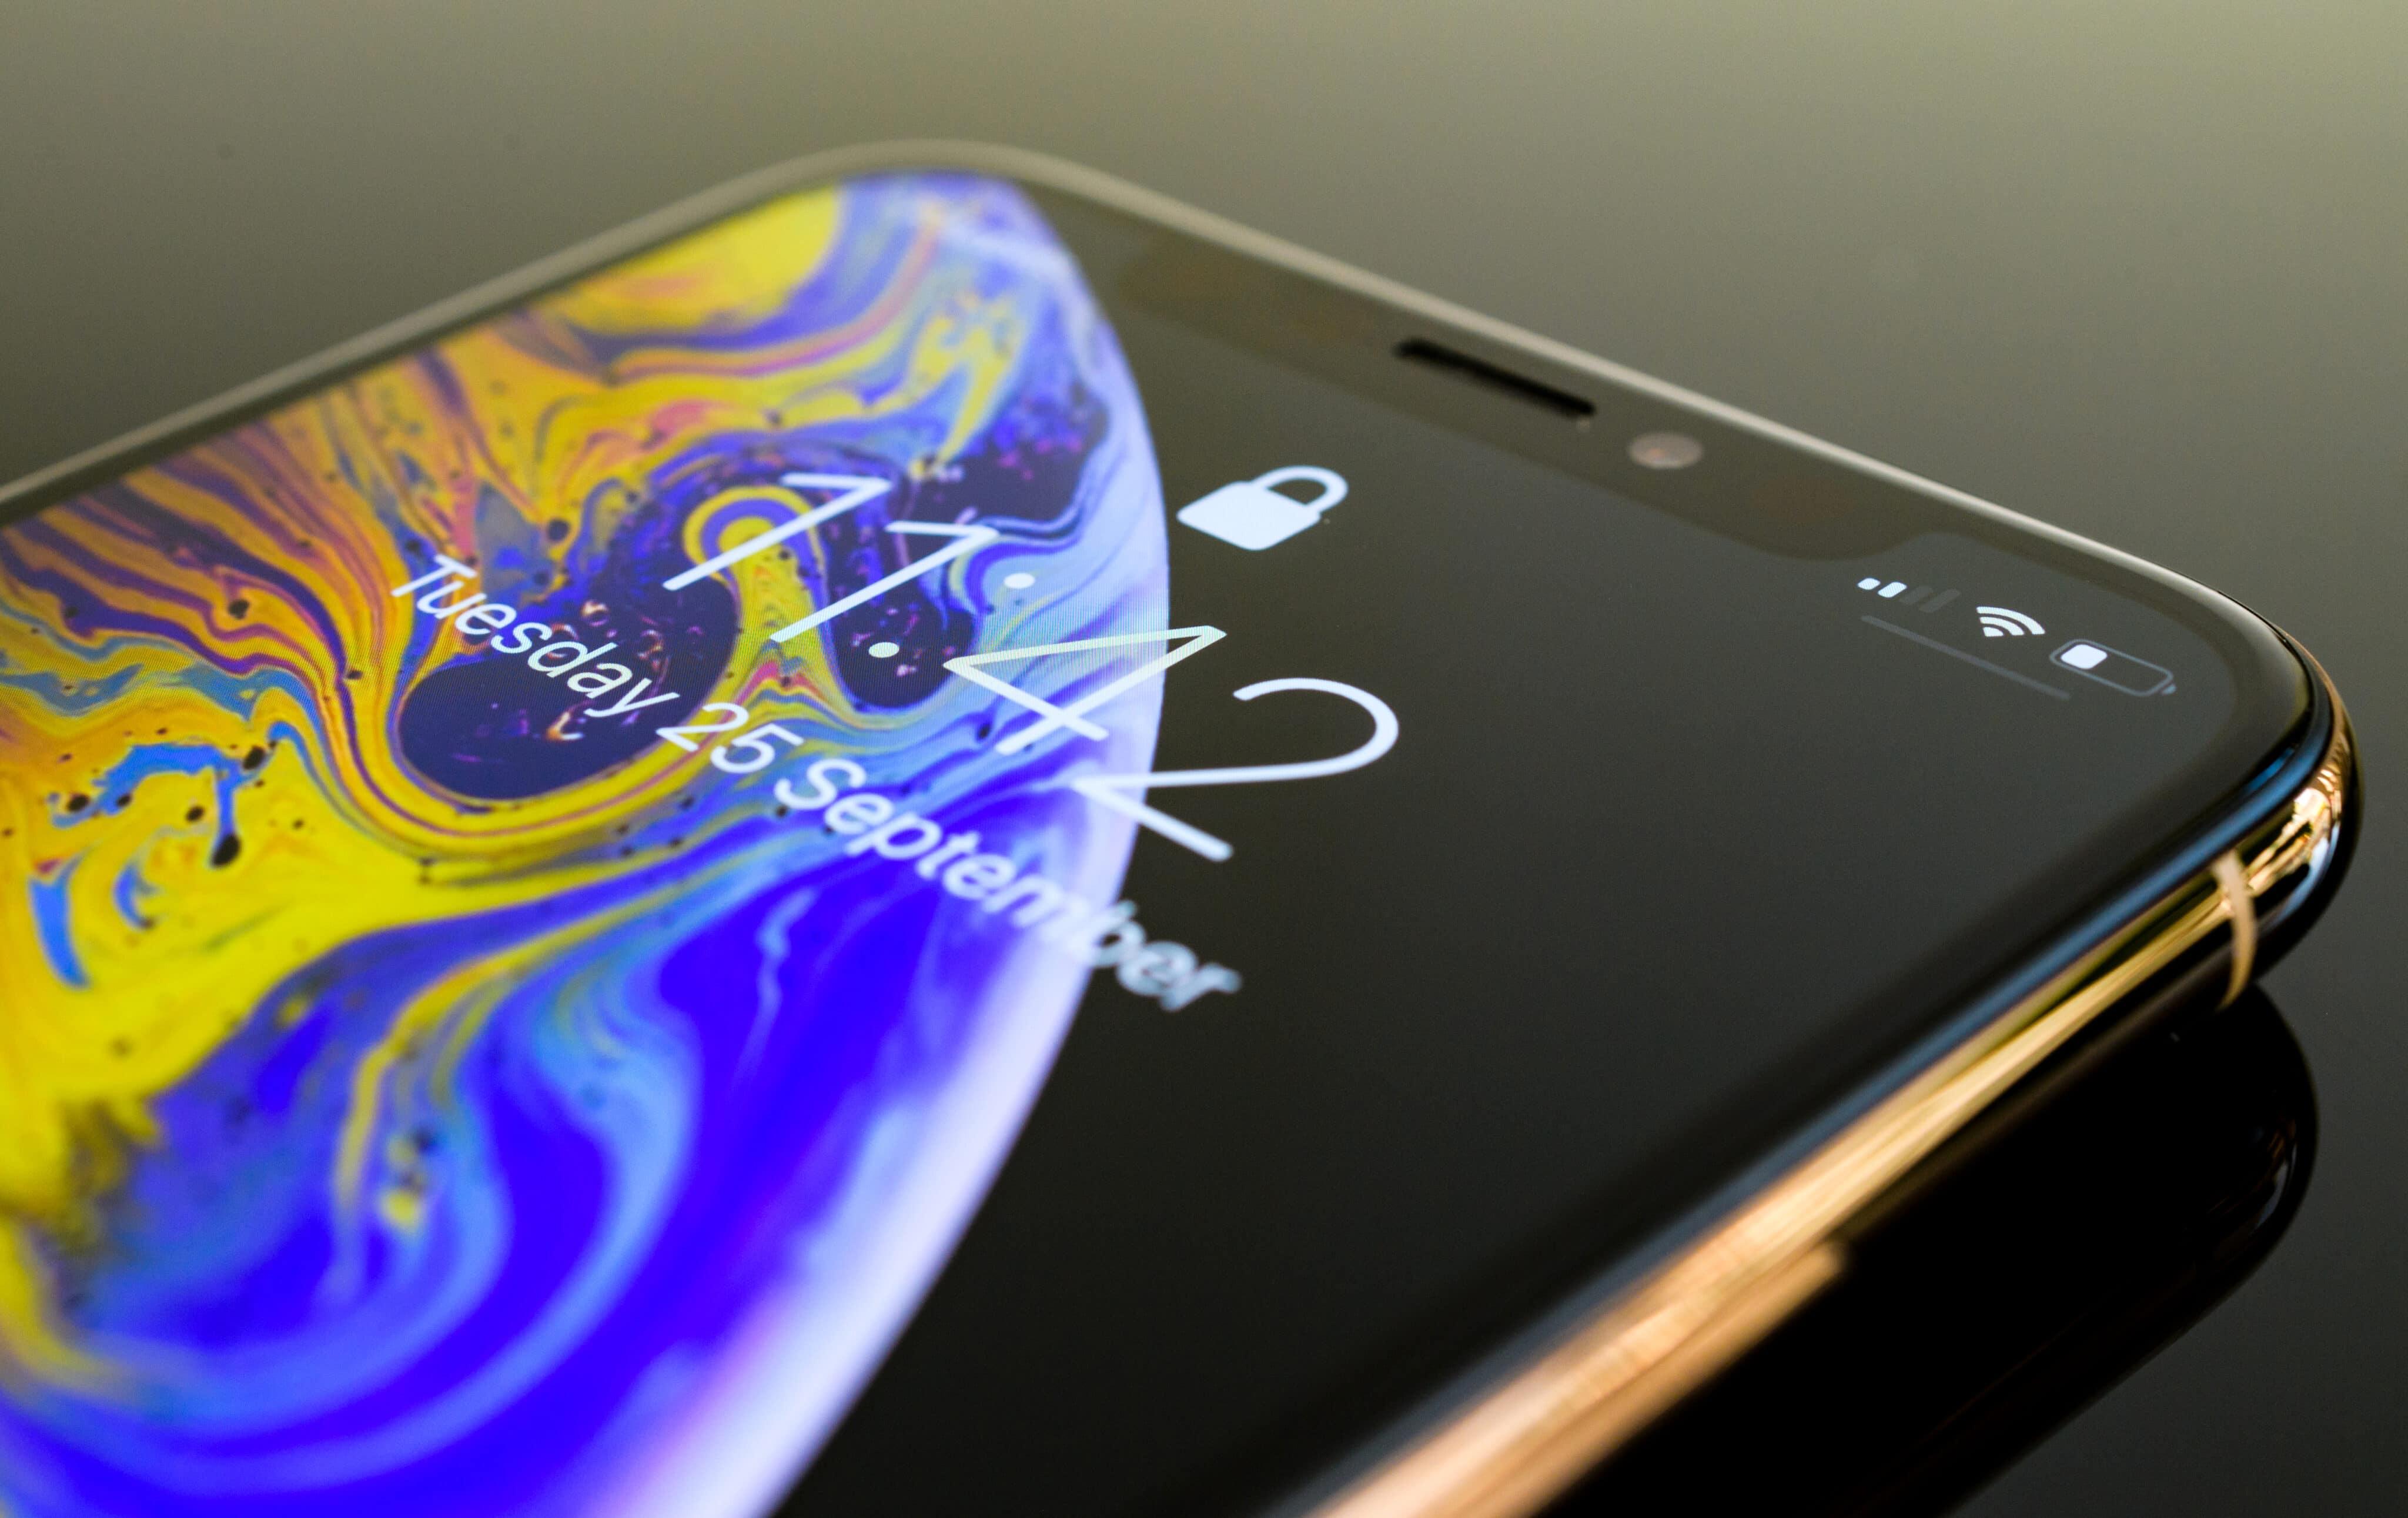 iPhone con pantalla bloqueada